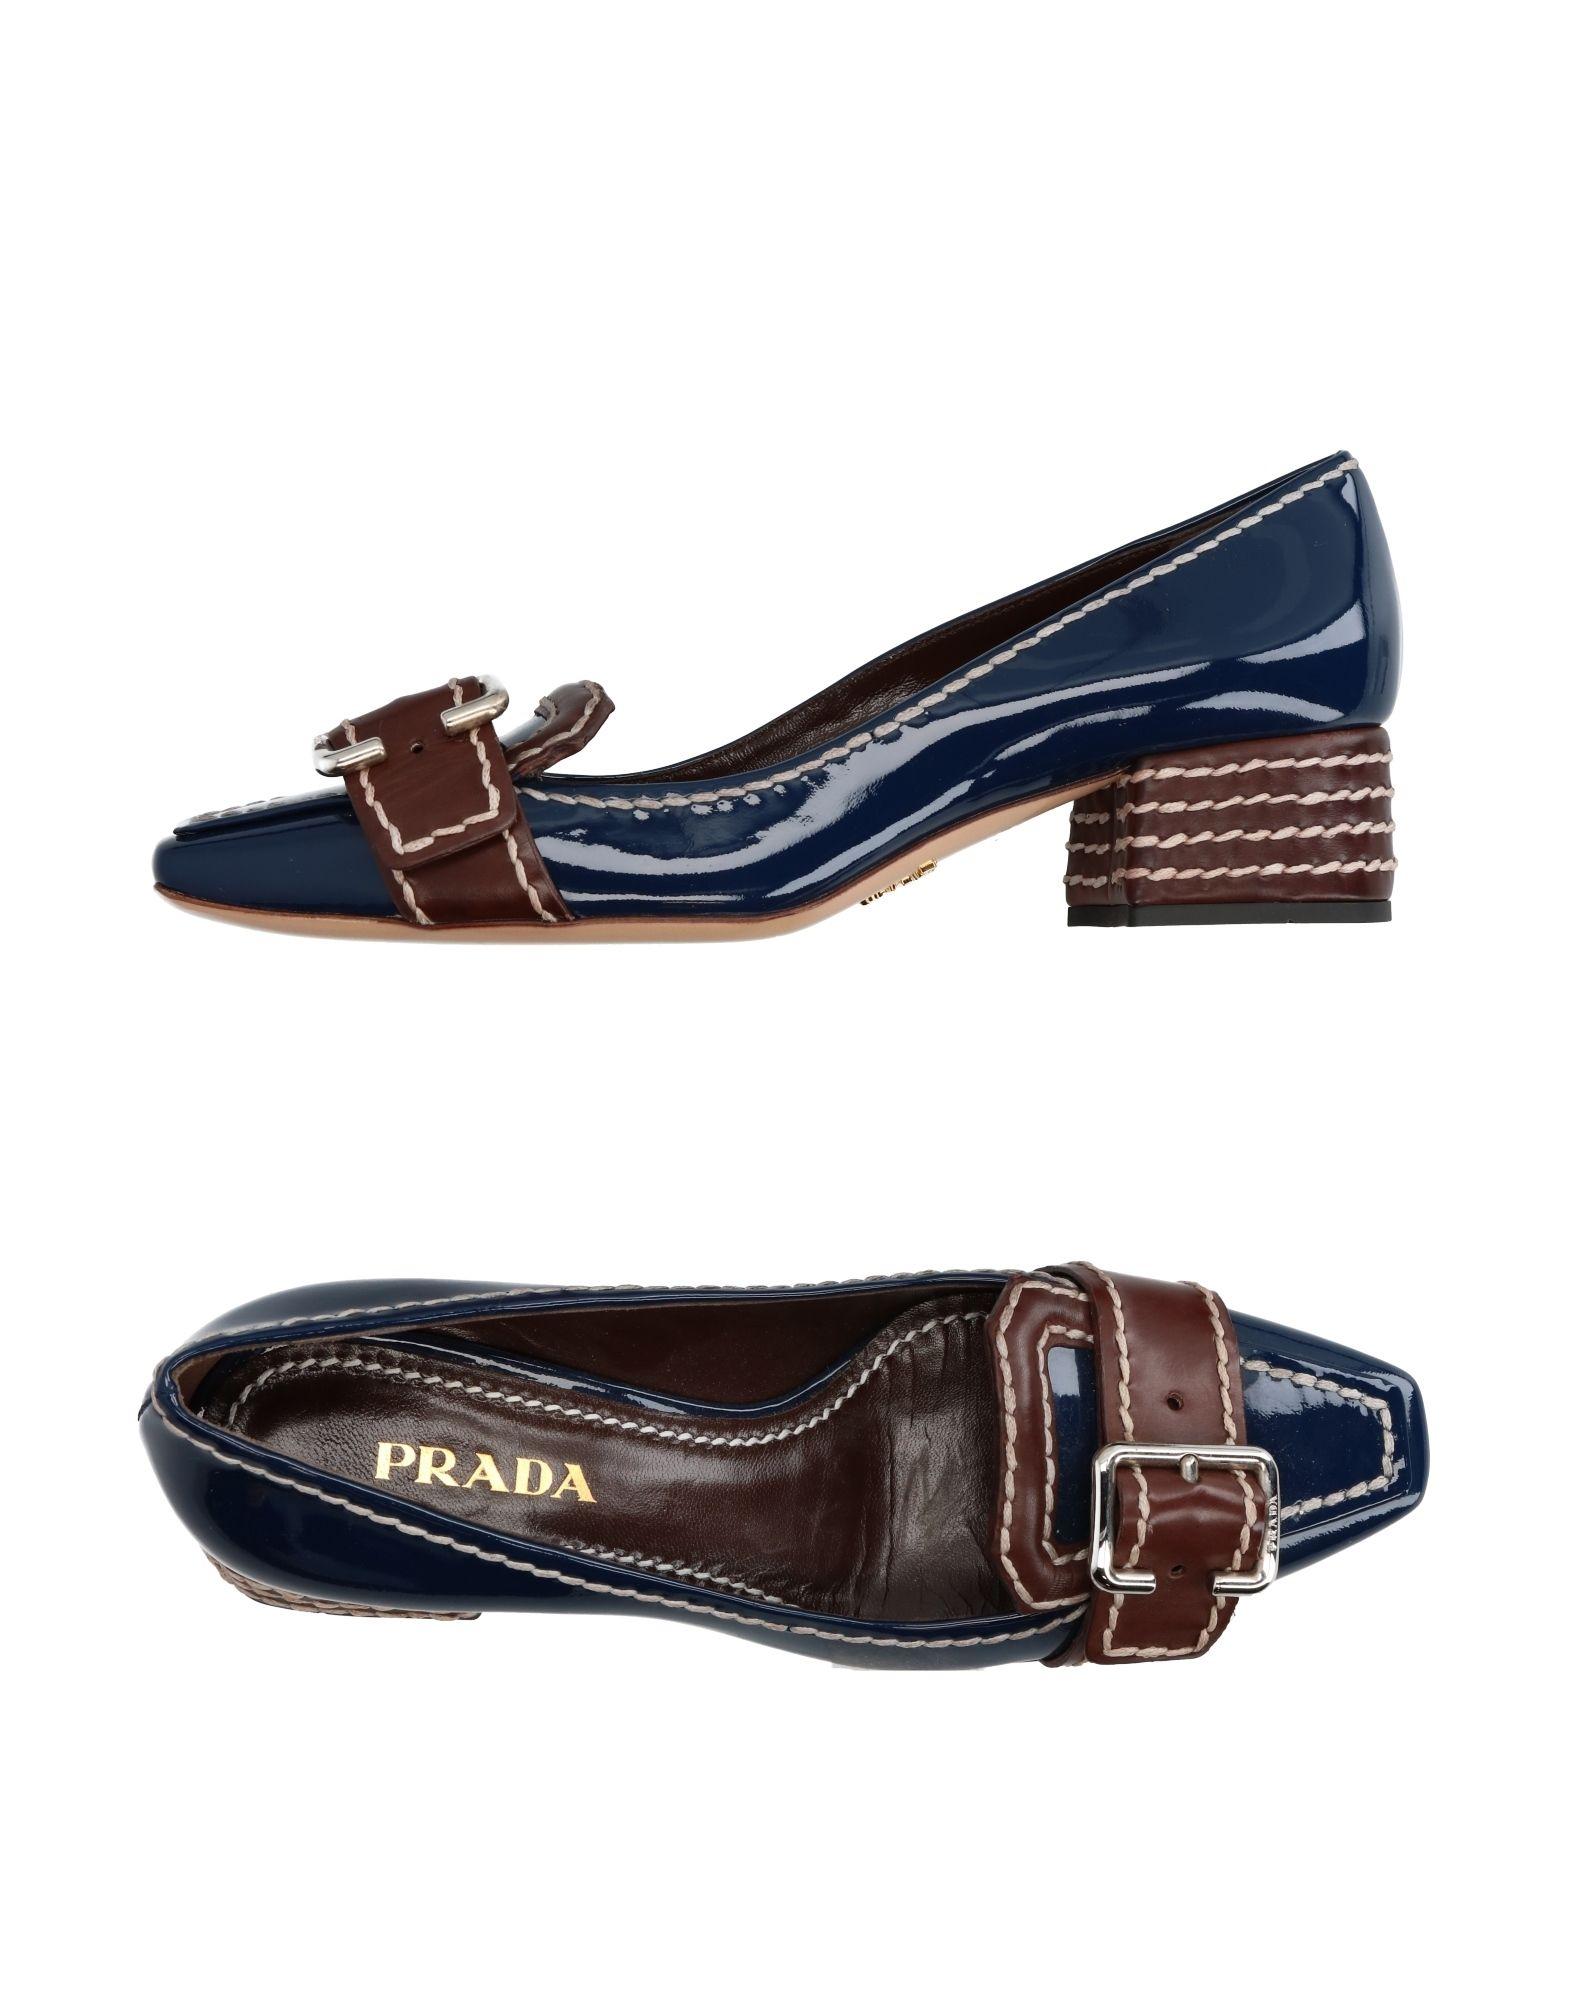 Prada Mokassins aussehende Damen  11290932NHGünstige gut aussehende Mokassins Schuhe 0c3eee